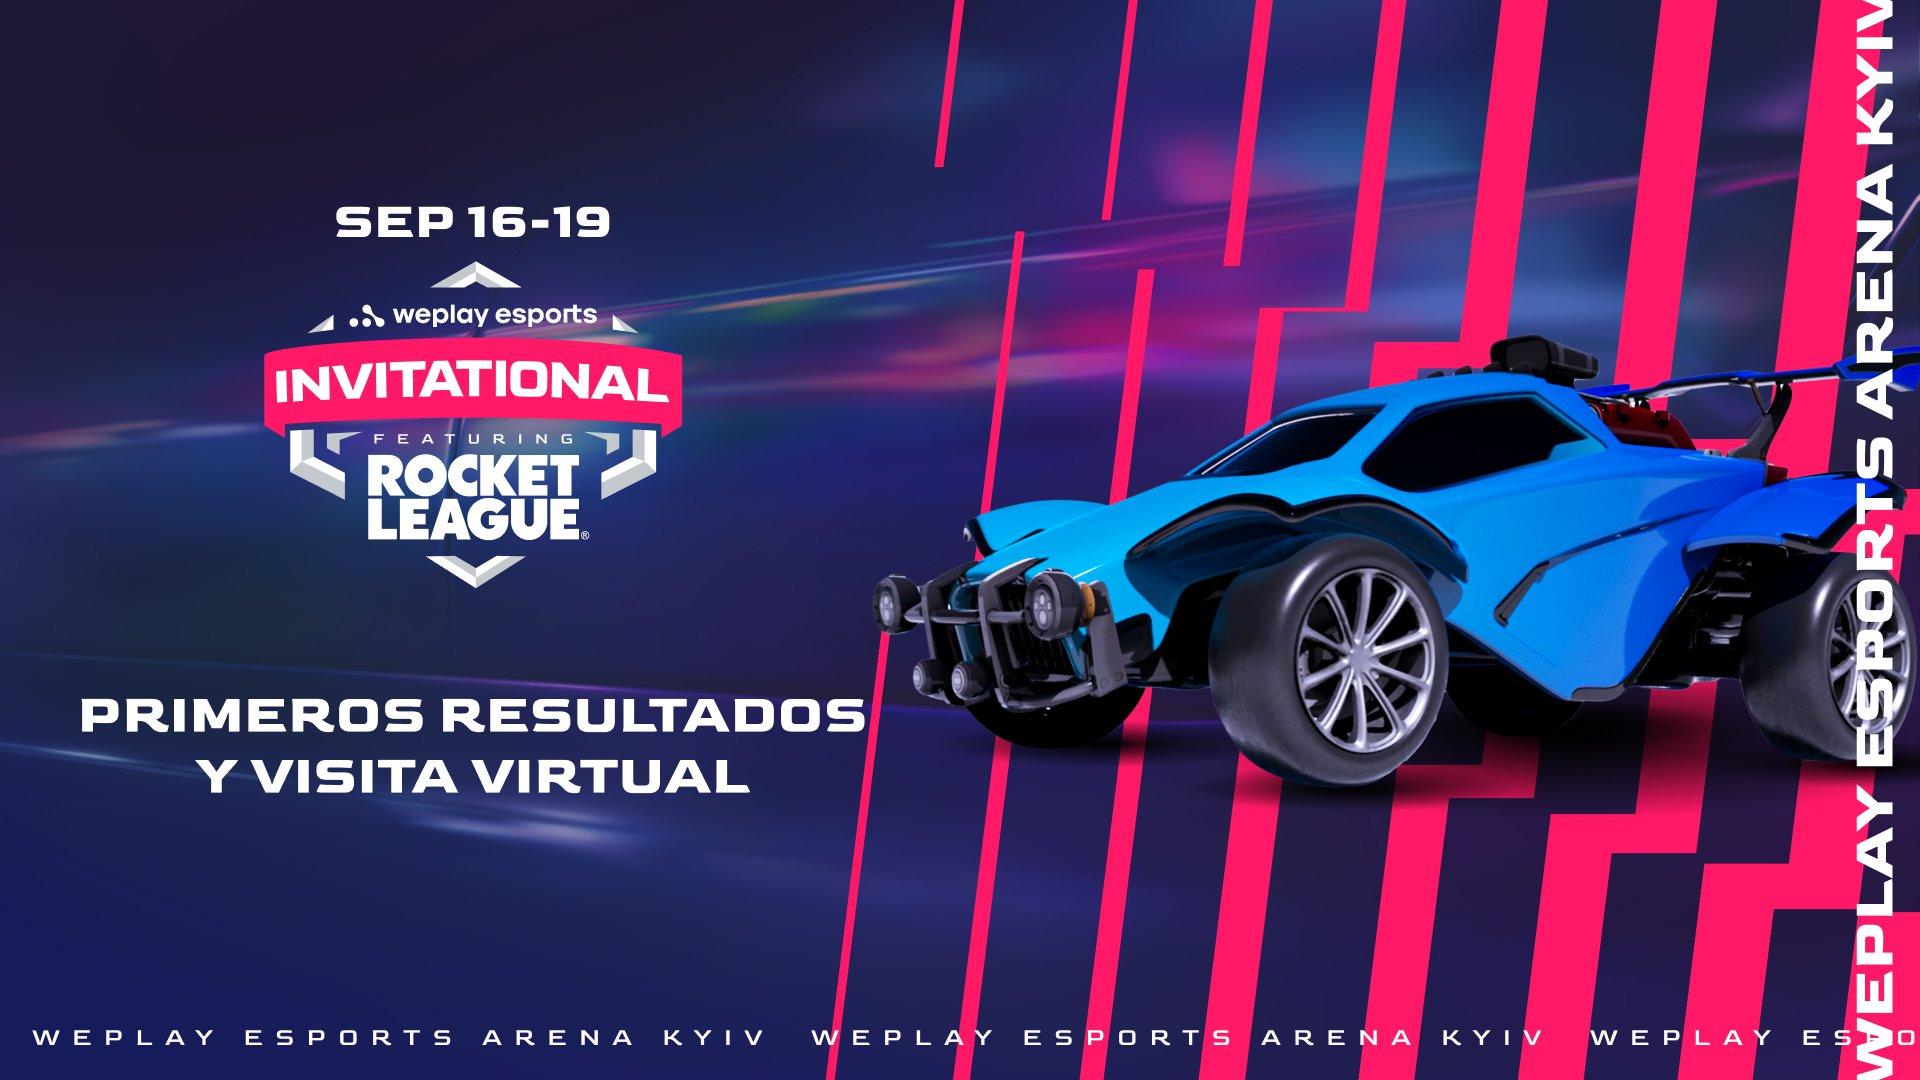 WePlay Esports Invitational: primeros resultados y visita virtual. Imagen: WePlay Holding